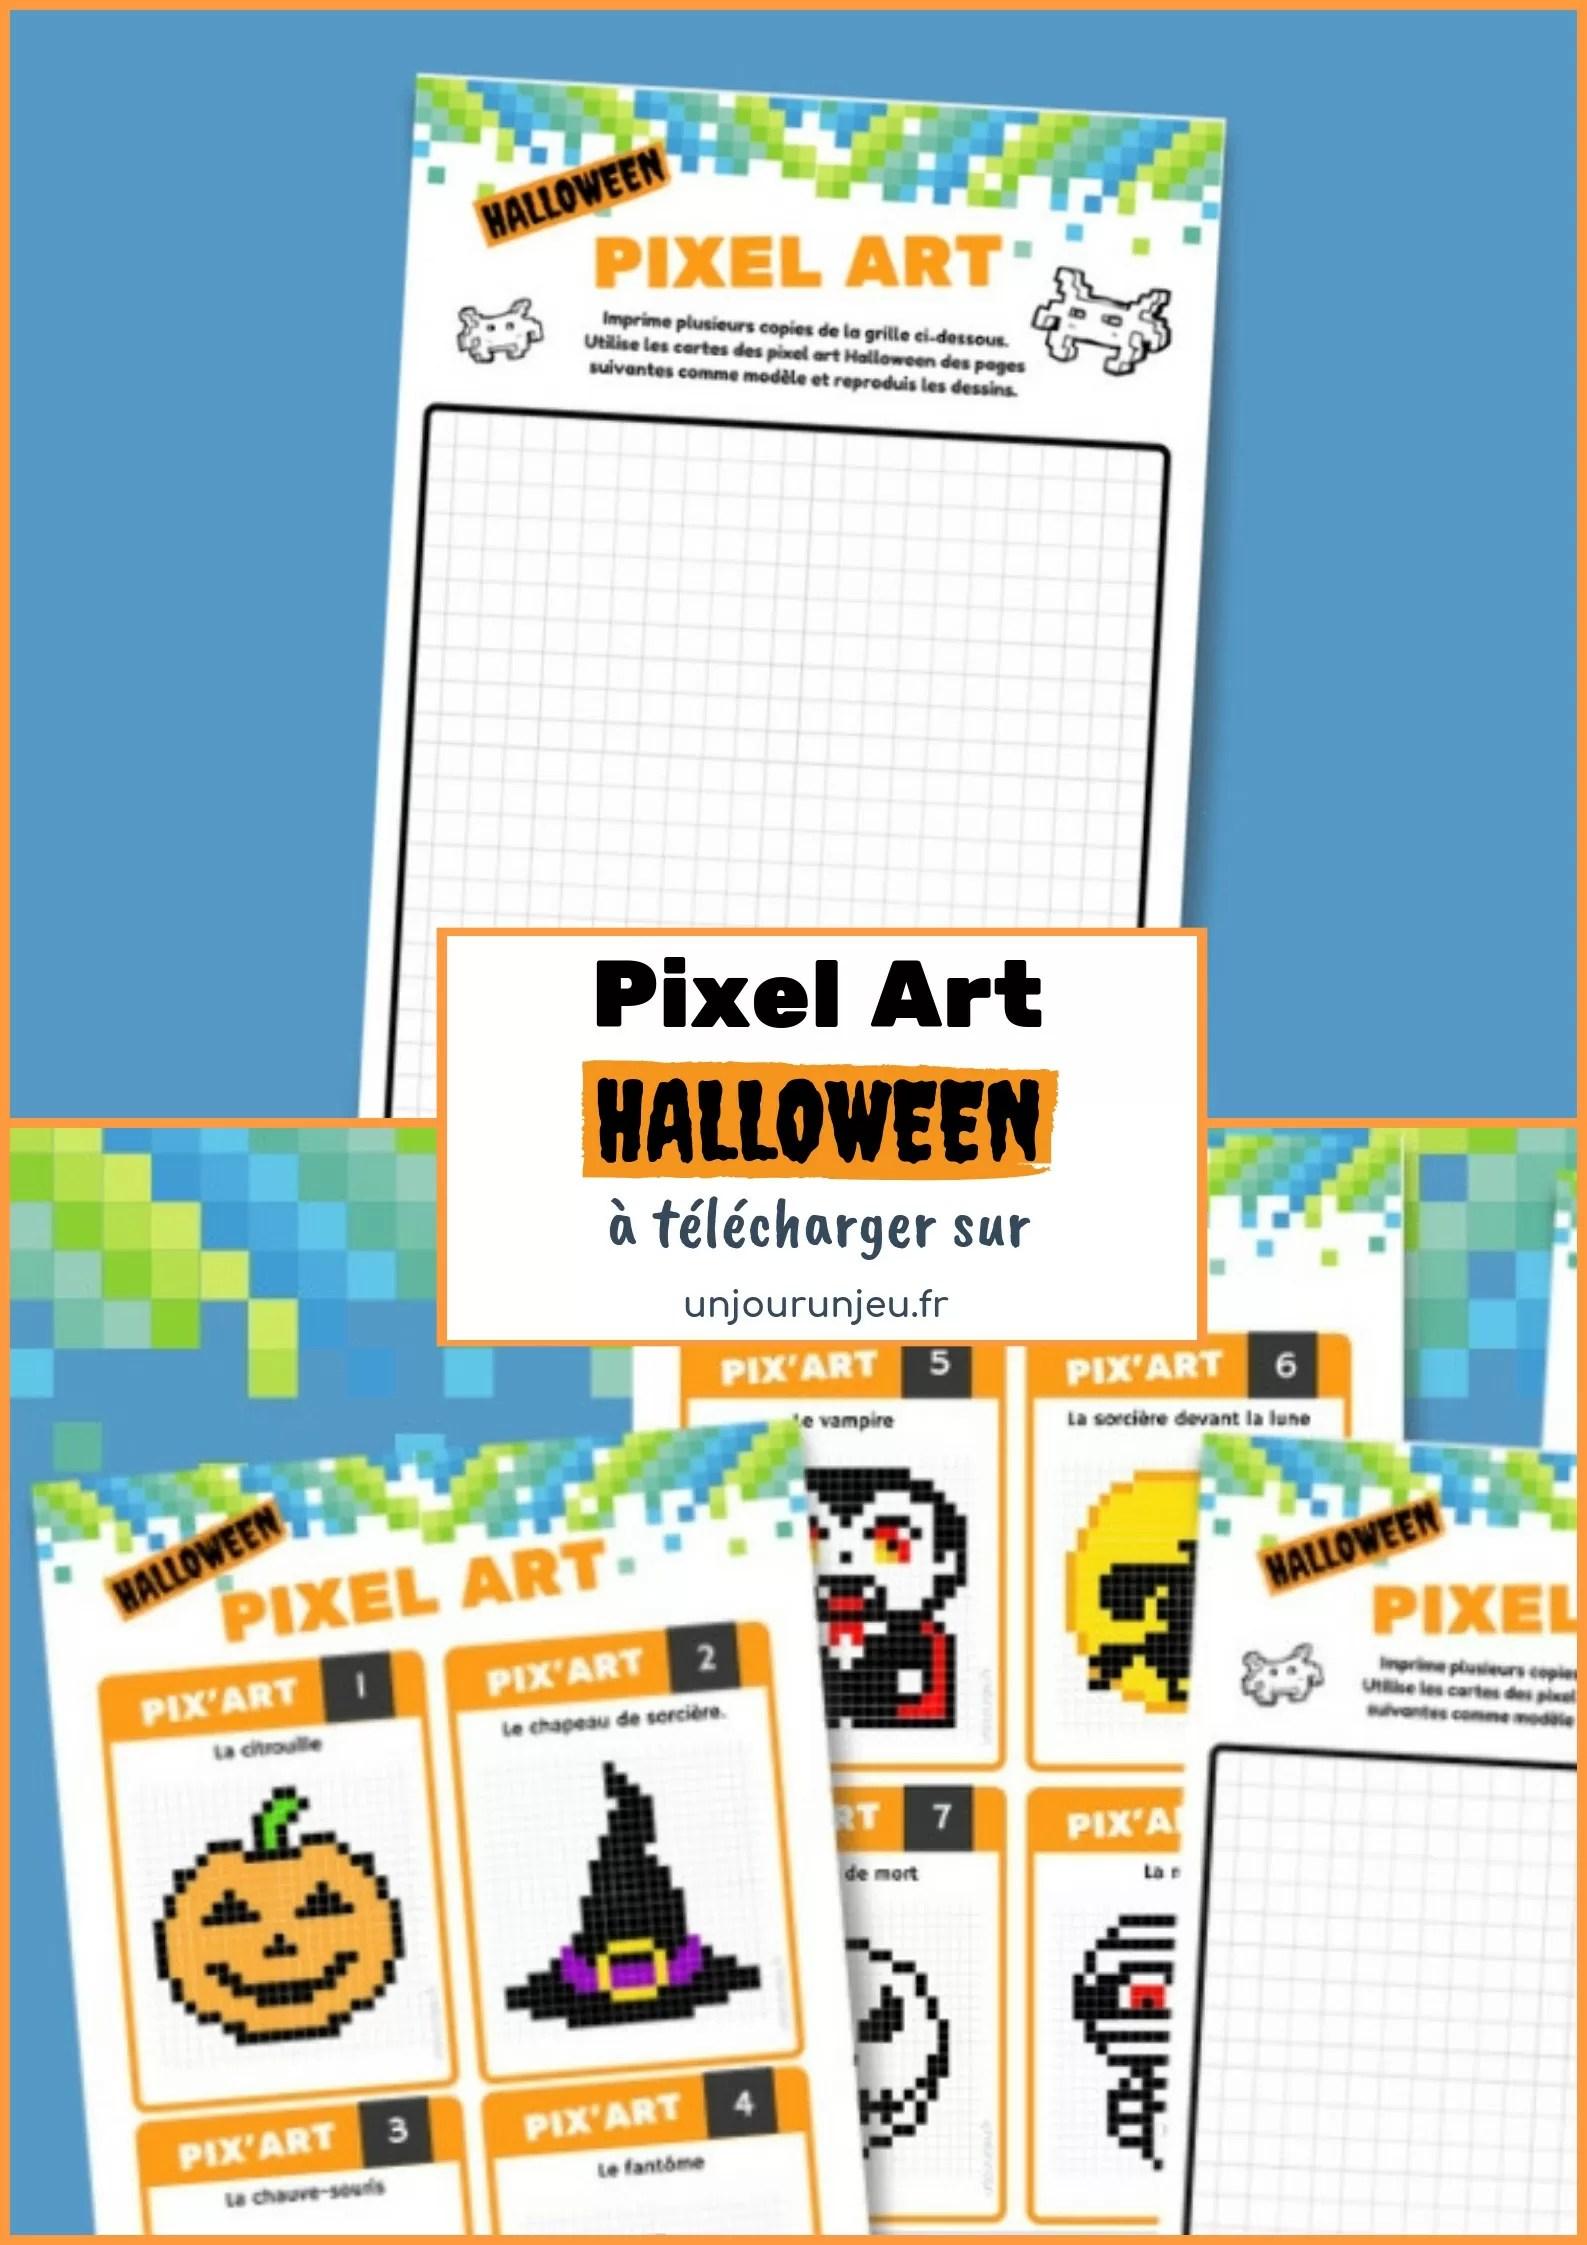 10 Fiches De Pixel Art D Halloween A Telecharger Gratuitement Un Jour Un Jeu